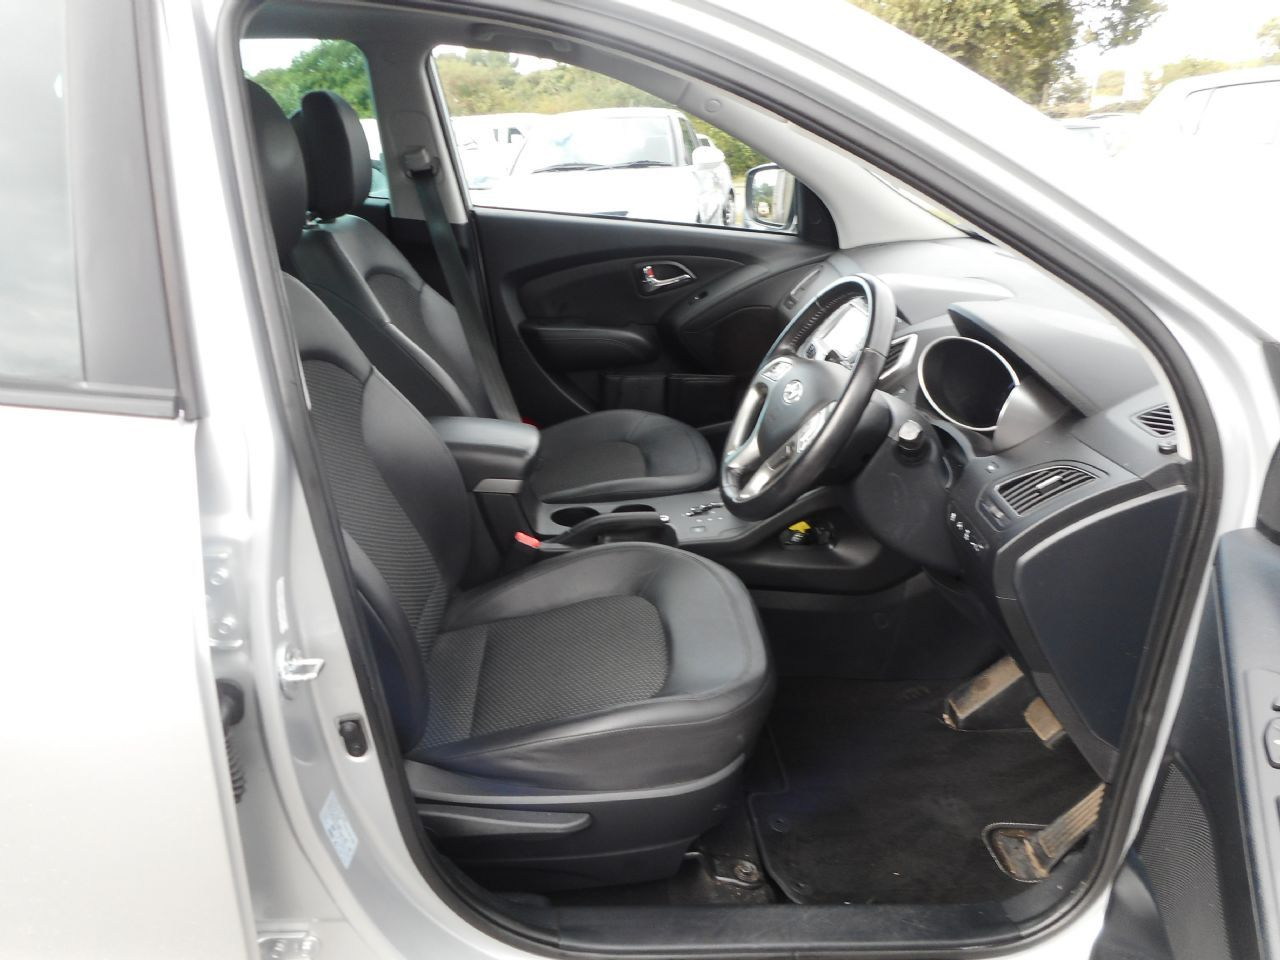 HYUNDAI IX35 2.0 CRDi 4WD Premium Auto (2011) - Picture 11